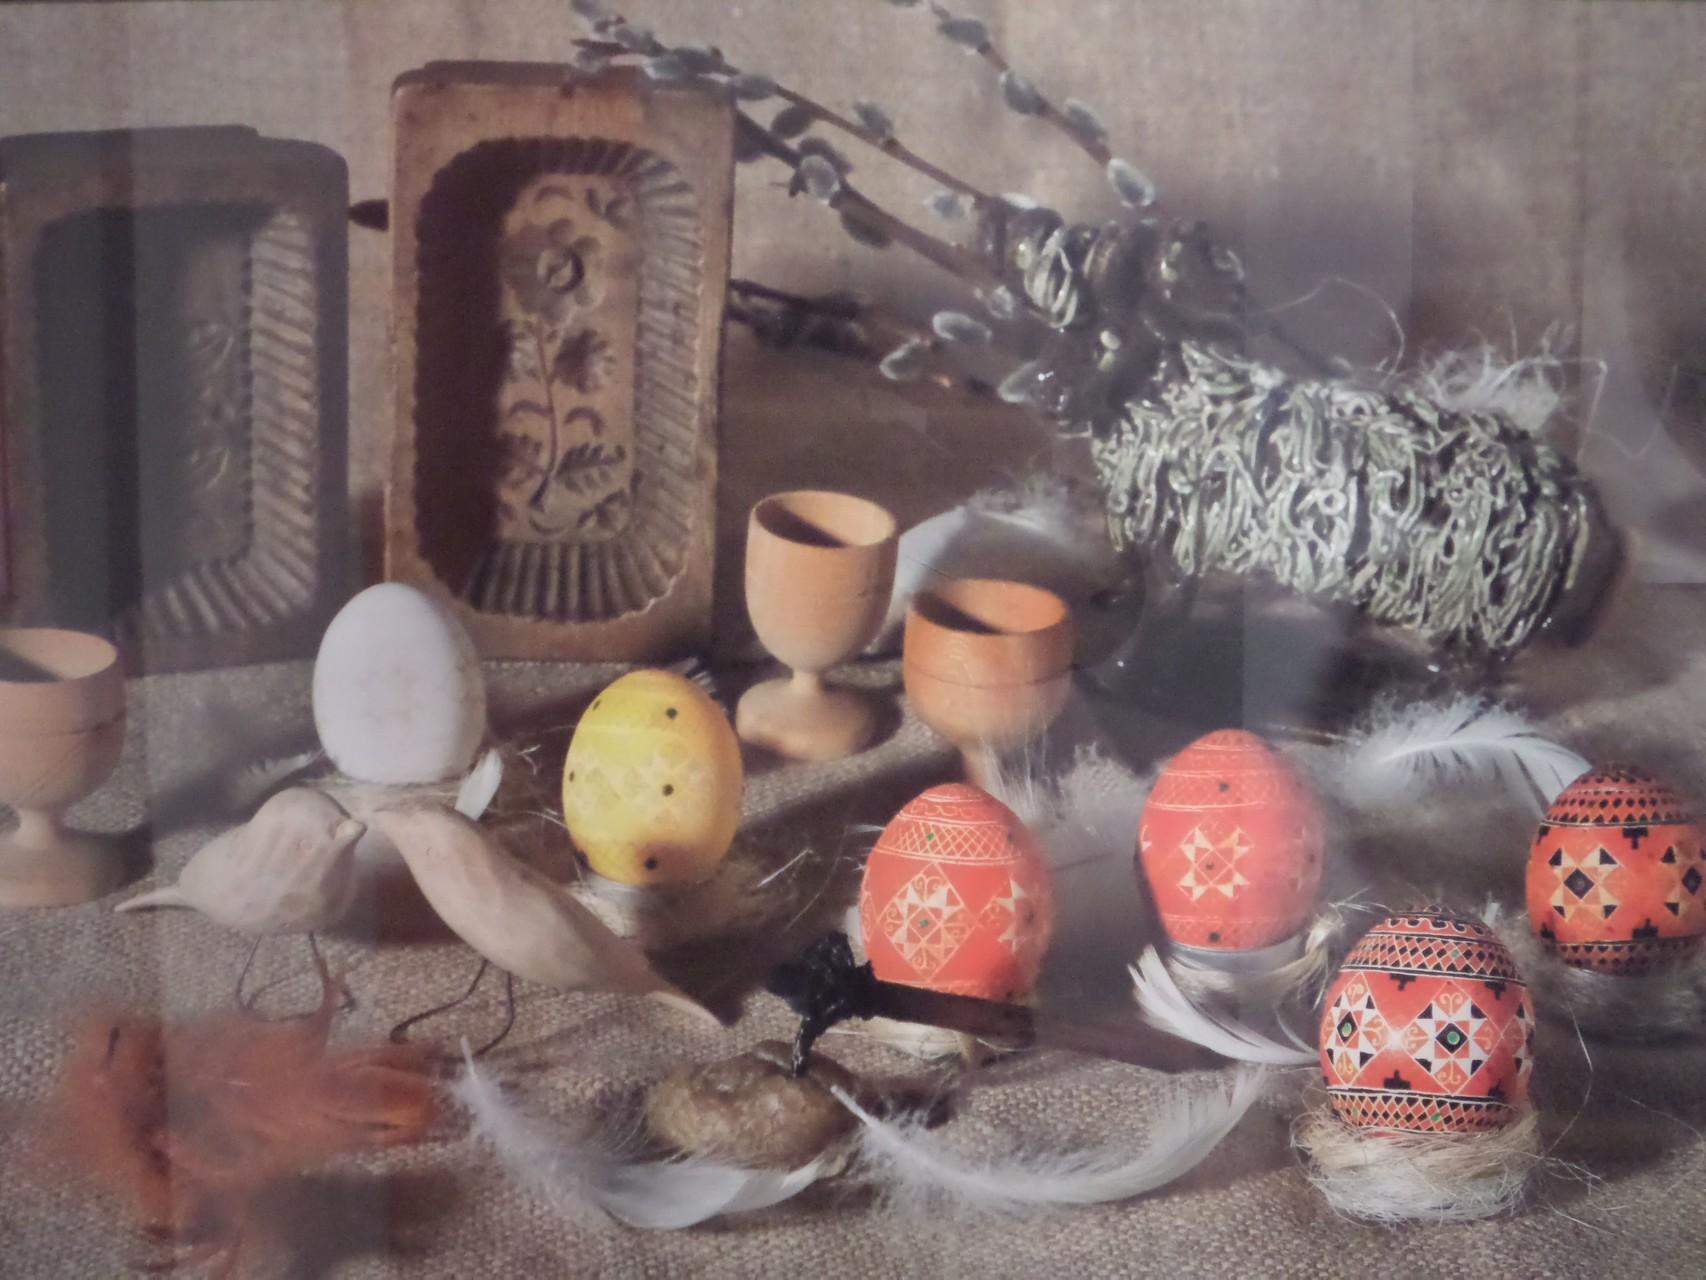 Wystawa w Muzeum Etnograficznym we Wrocławiu 2014